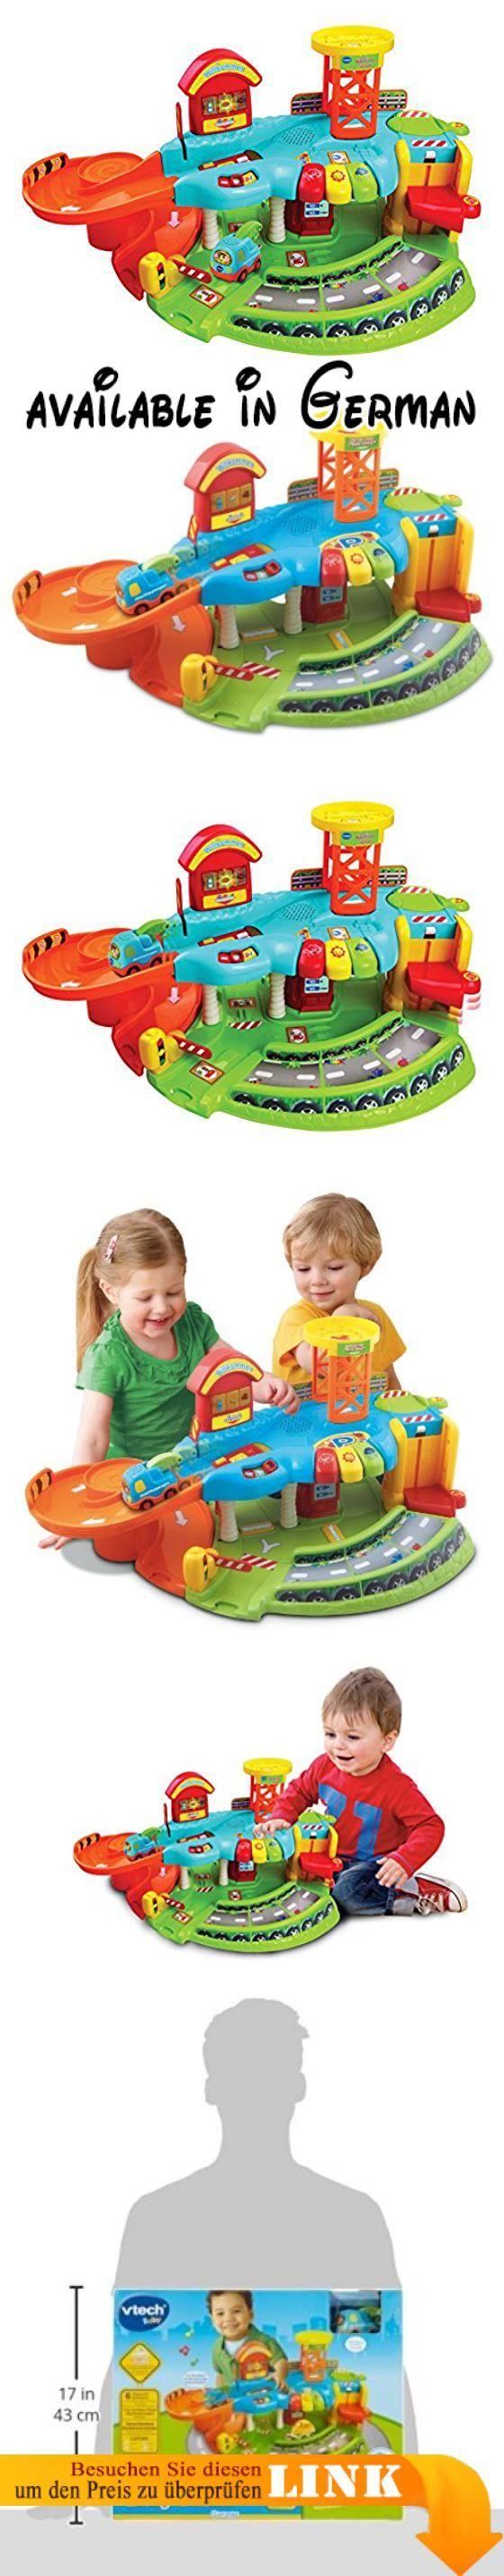 B004LUSI0E : VTech 80-124904 - Tut Tut Baby Flitzer - Garage. <b>Geschlecht:</b> Mädchen und Jungen. <b>Zielgruppe:</b> Kleinkind